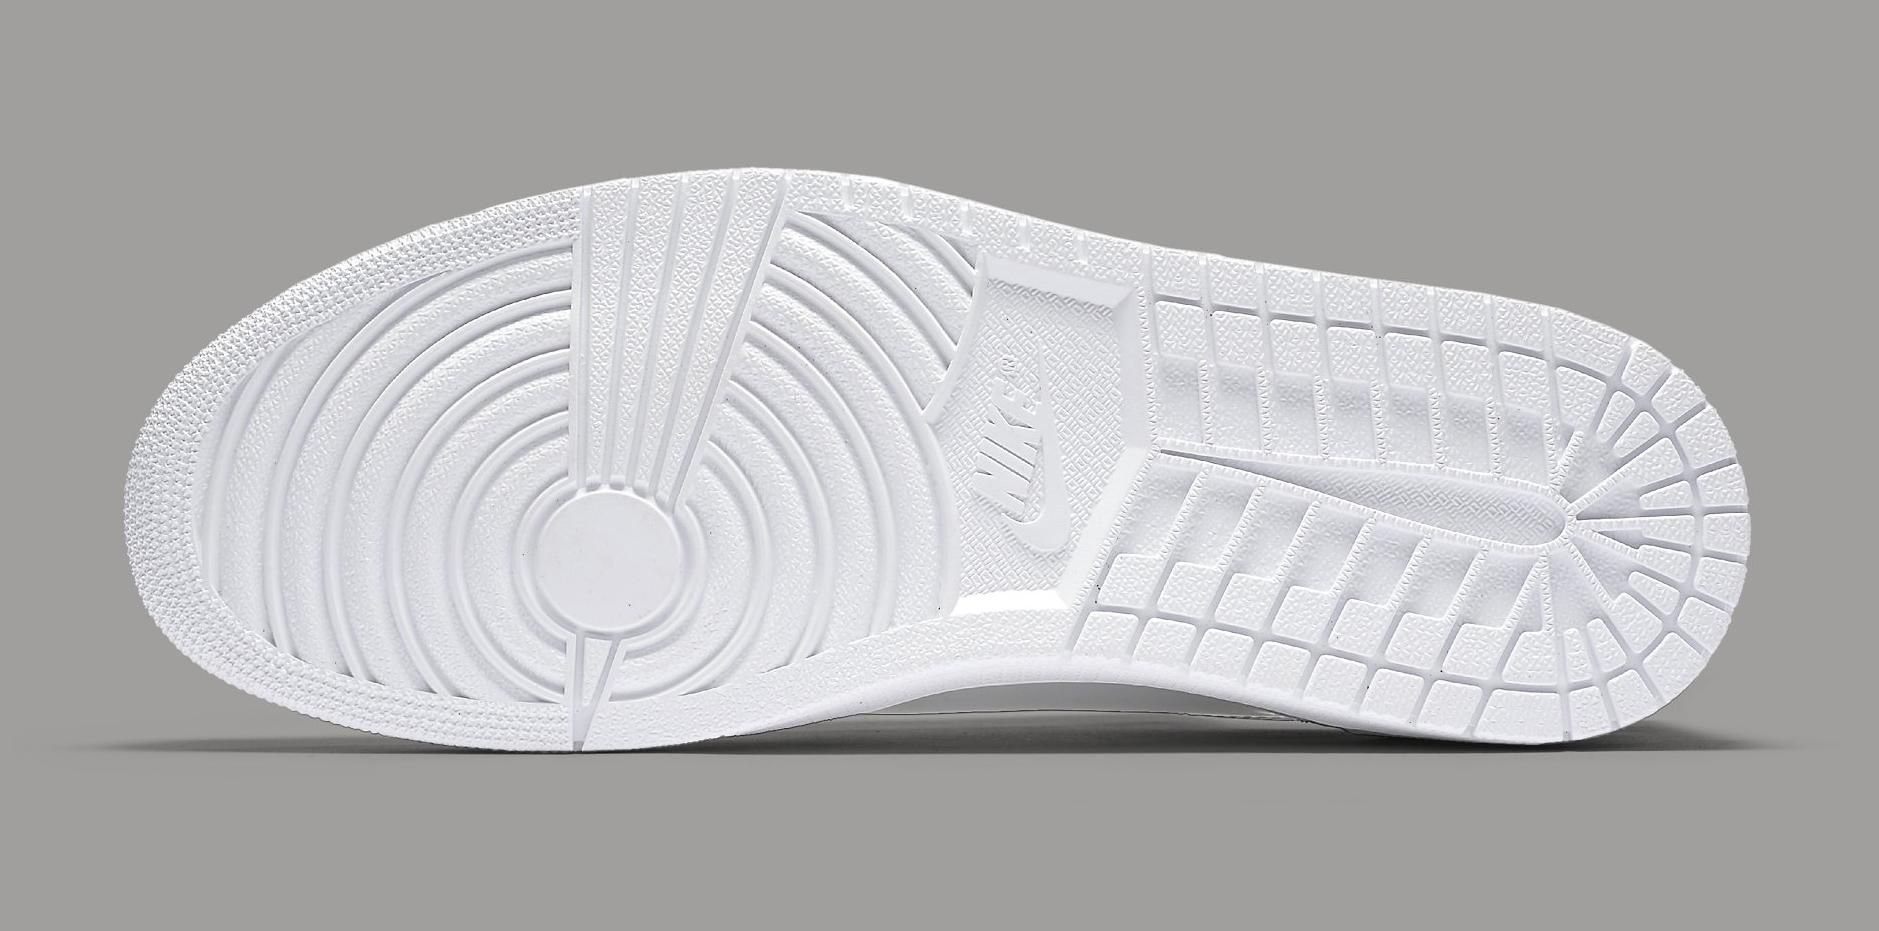 a42d2d334e89d4 Image via Nike Silver Air Jordan 1 Low 852549-003 Sole